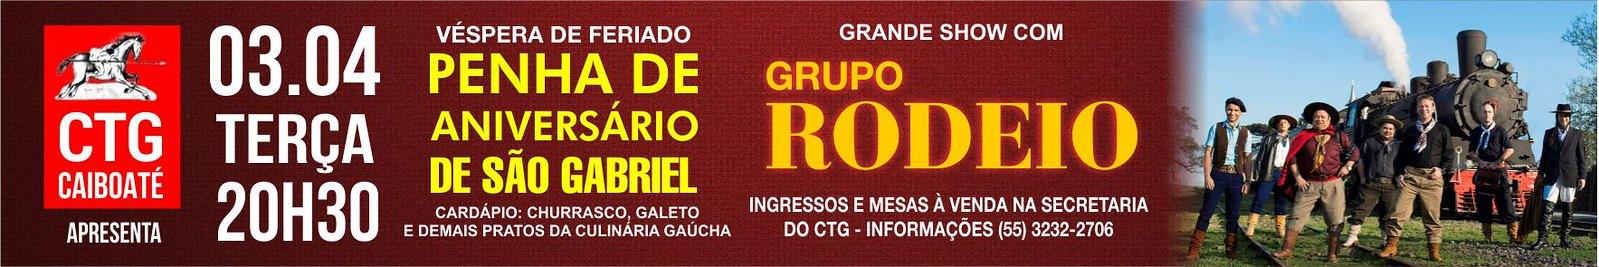 03-04 Penha de Aniversário de São Gabriel - CTG Caiboaté